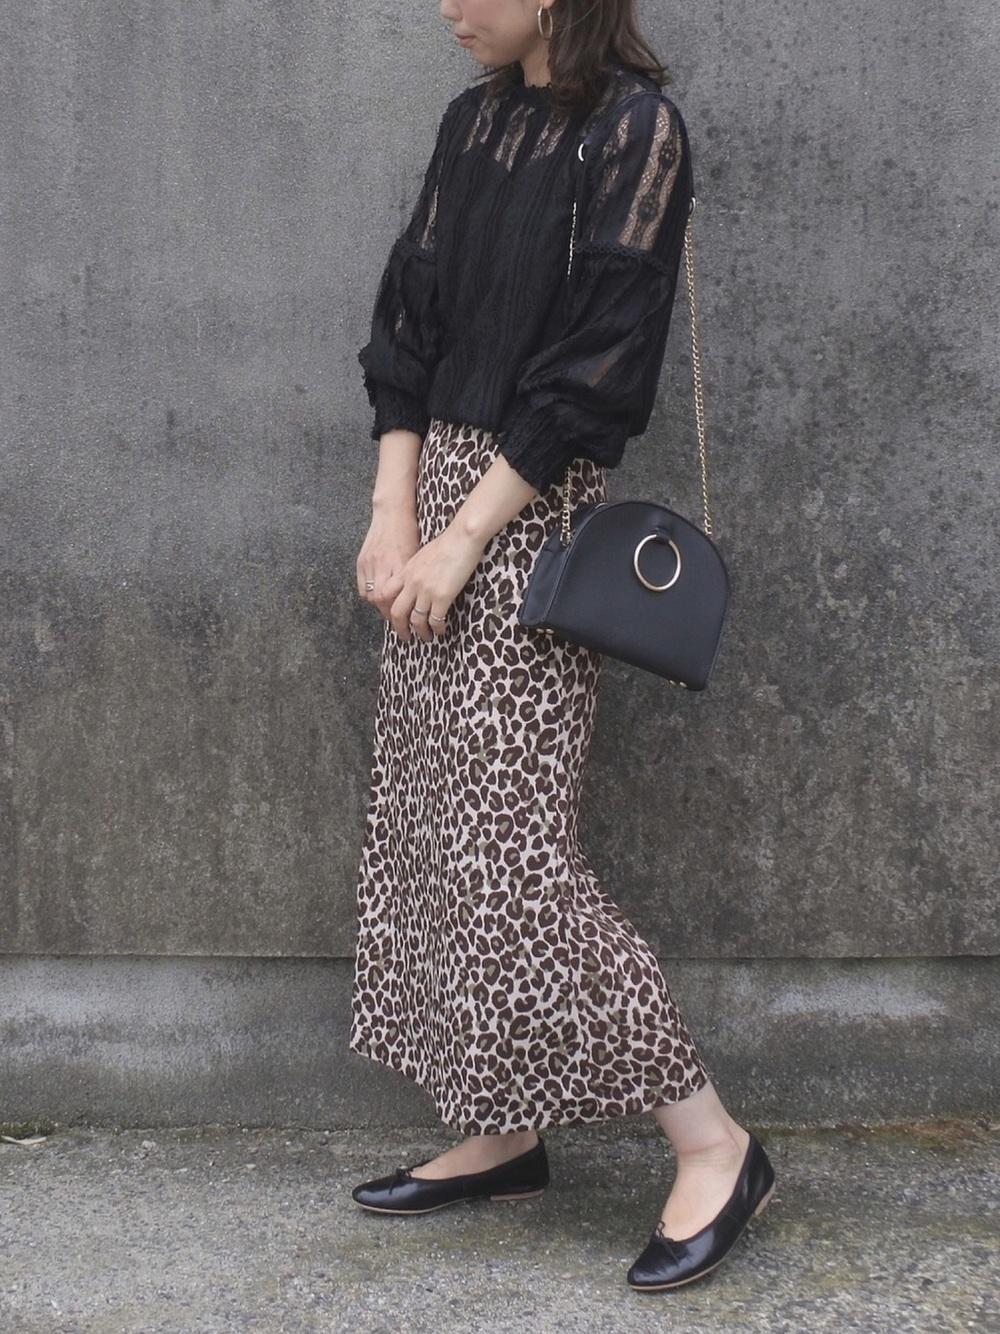 黒ブラウス×レオパード柄スカート